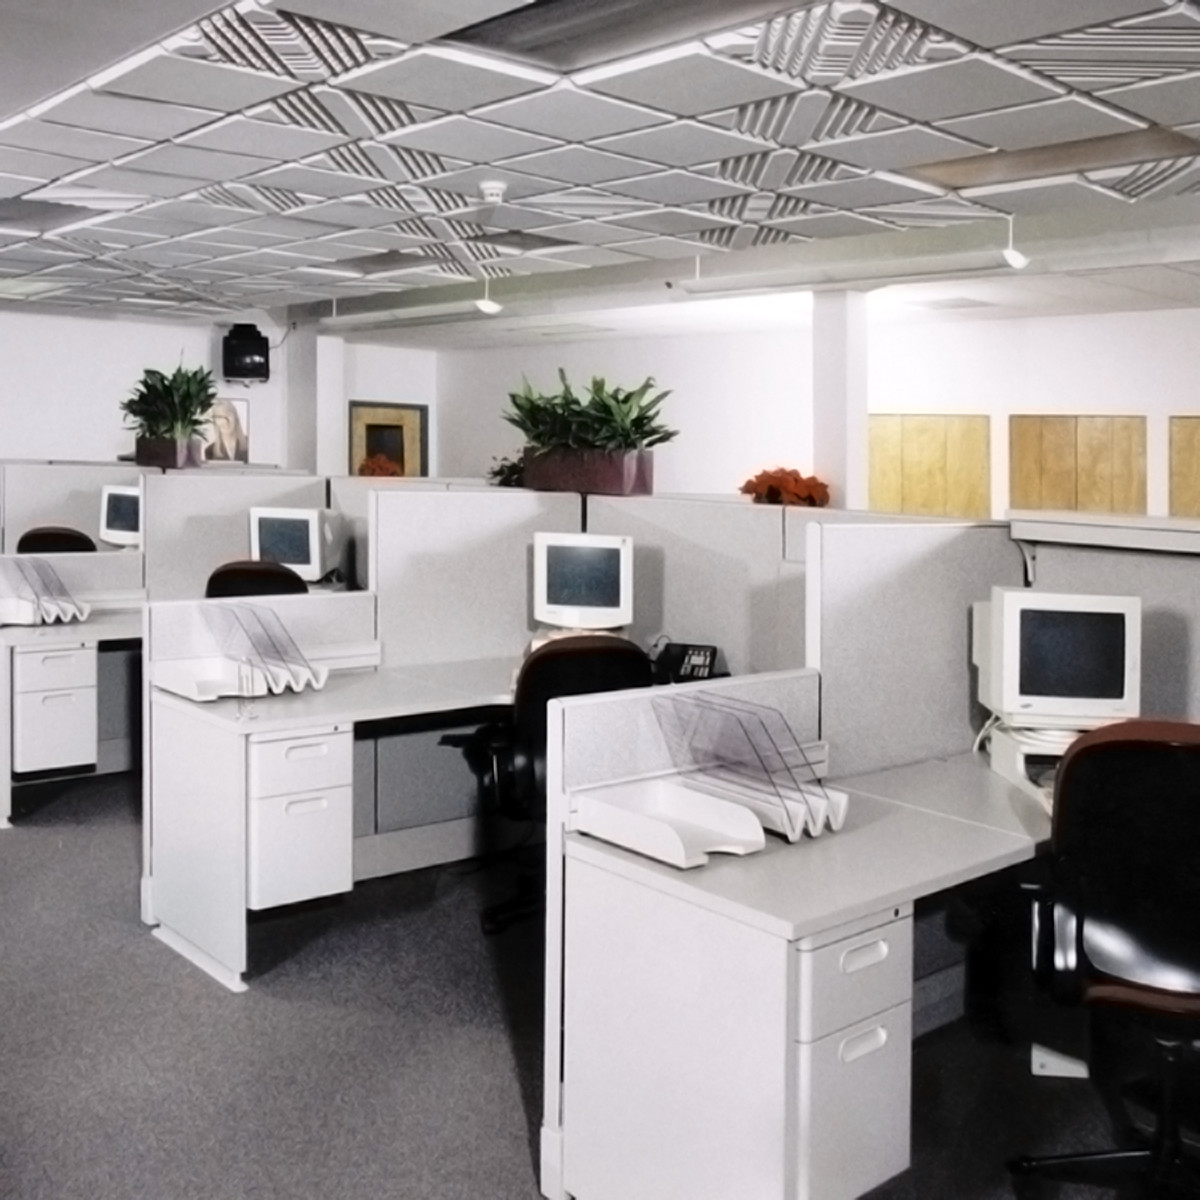 Contour ceiling tiles steven kleins sound control room inc contour ceiling tile installation sample 5 doublecrazyfo Choice Image